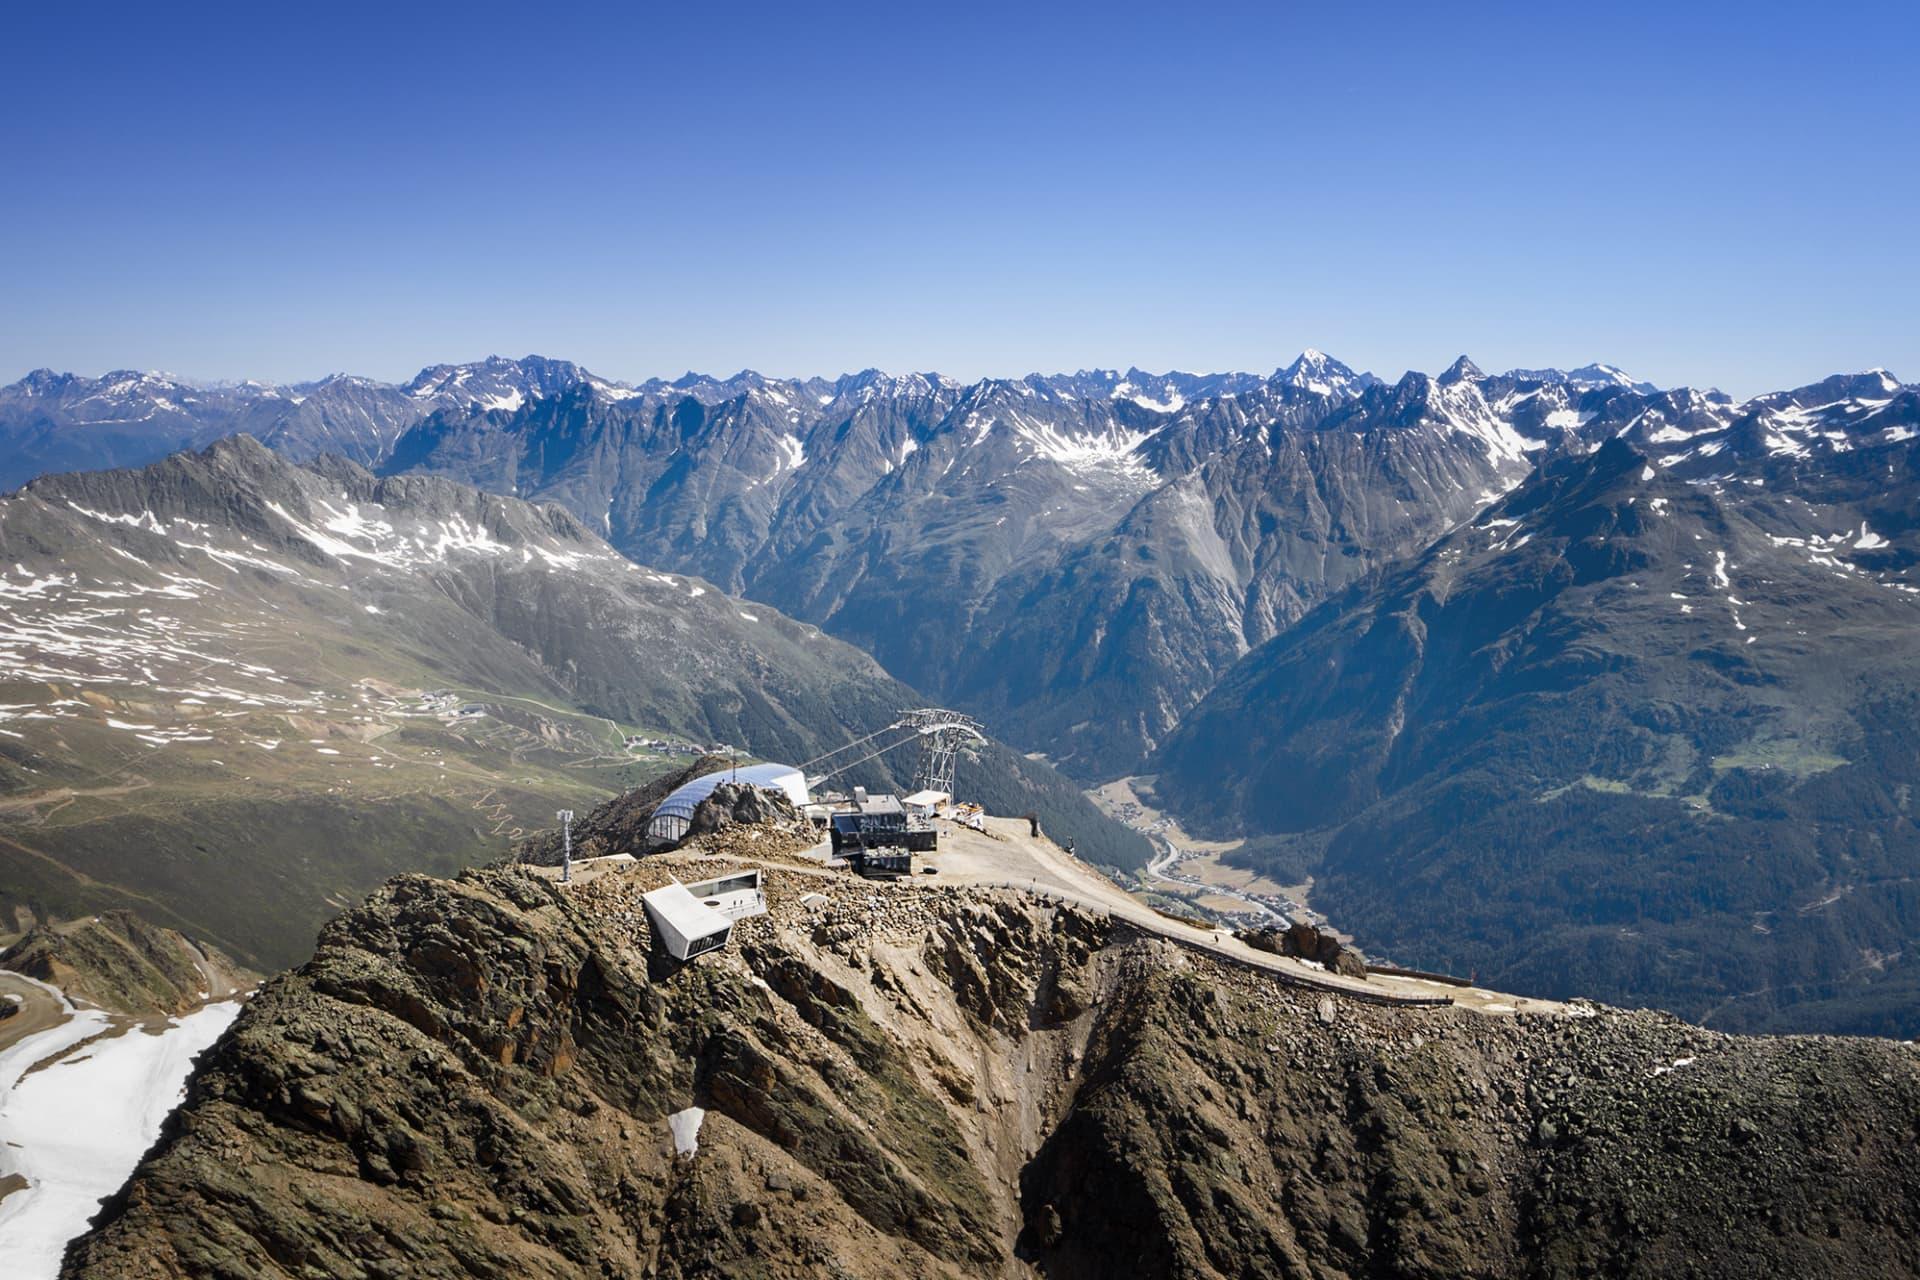 007 Elements, som är ritad och konstruerad av arkitekten Johann Obermoser, är beläget på toppen av berget Gaislachkogel i Sölden, 3040 meter över havet.